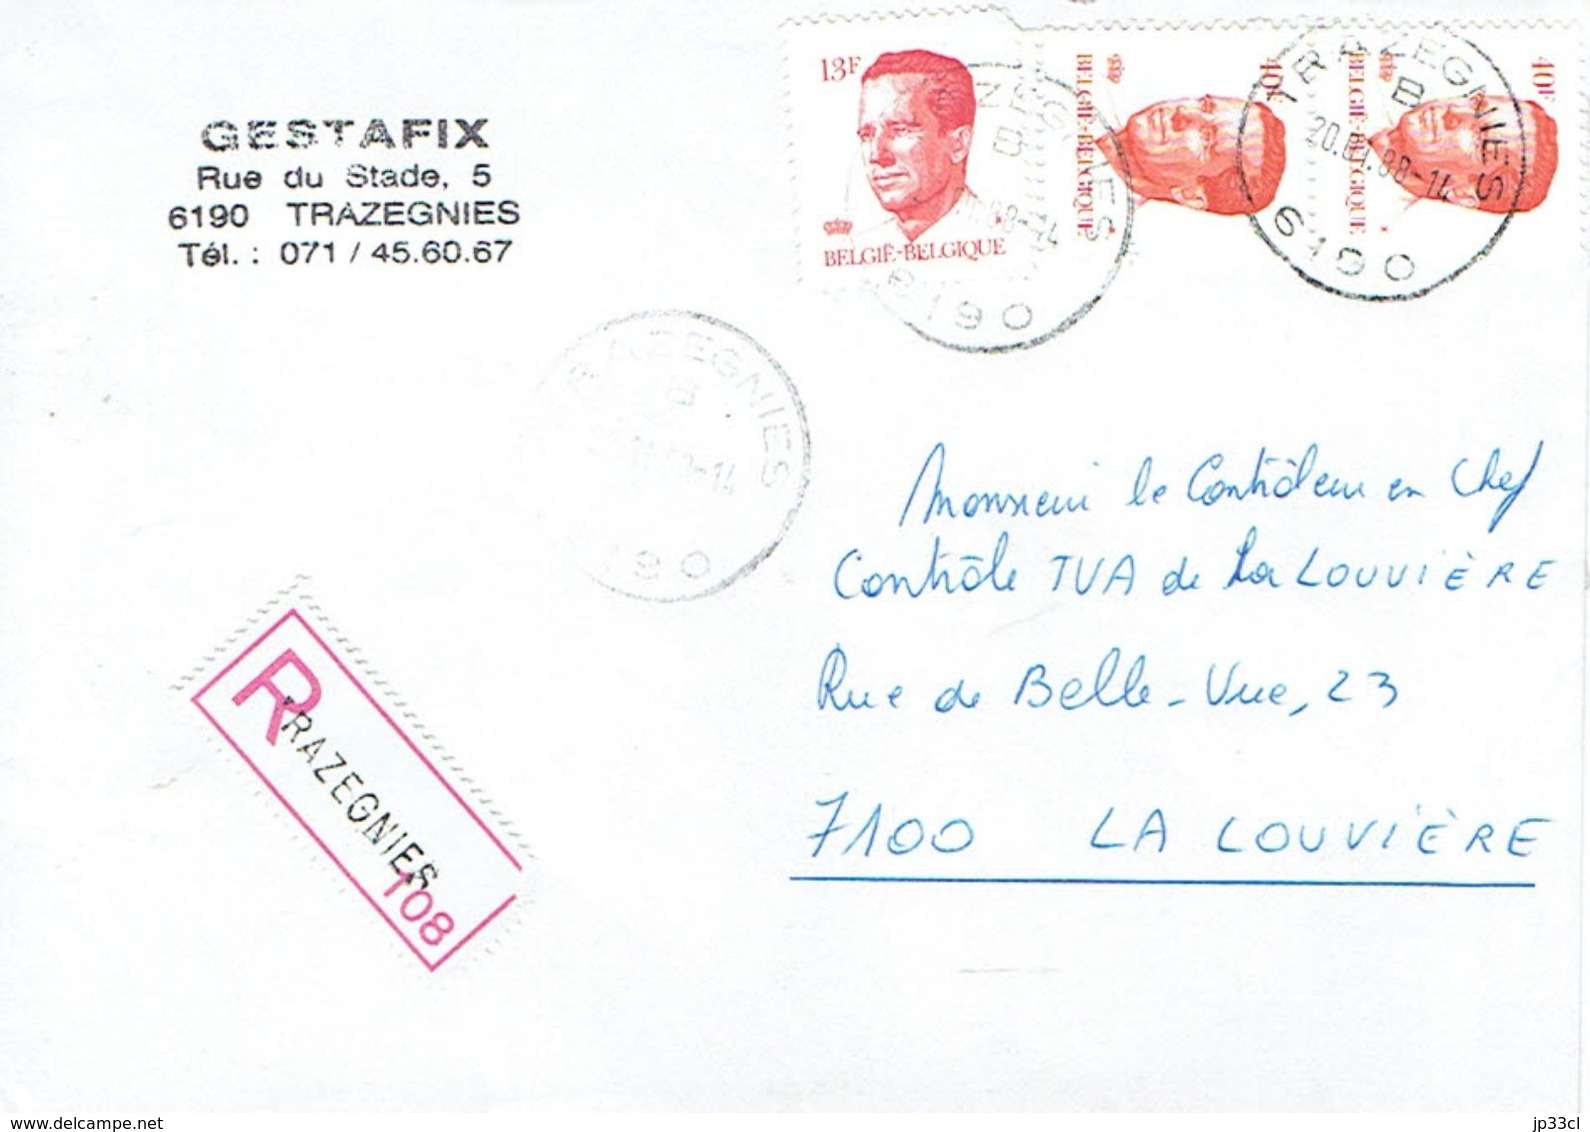 Recommandé De La Société Gestafix, Rue Du Stade, Trazegnies Vers La Louvière Du 20/01/1988 - Belgien